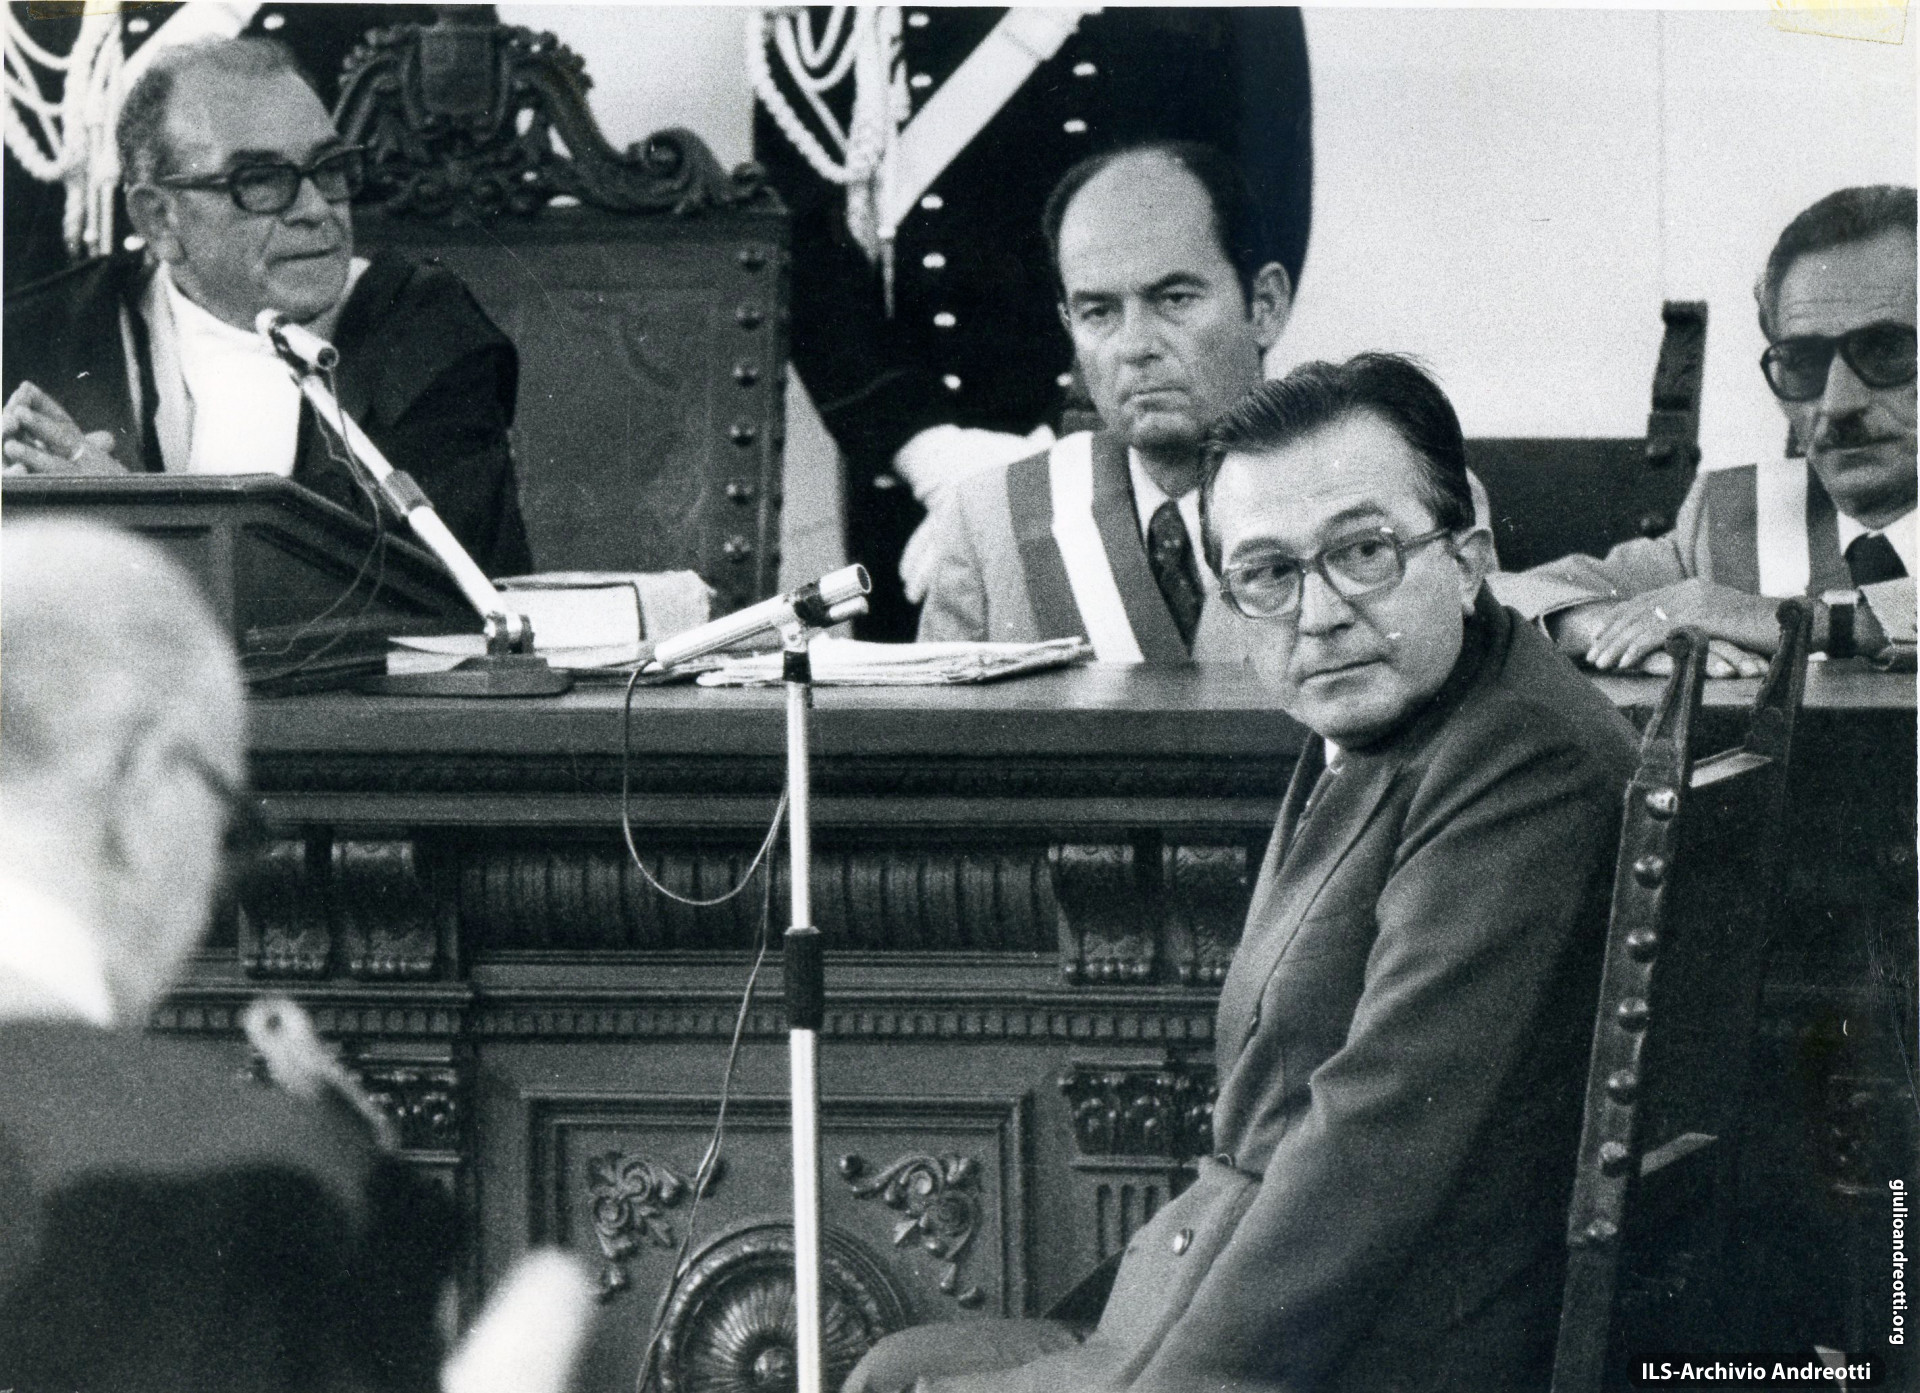 15 settembre 1977. Giulio Andreotti testimonia al processo di Catanzaro sulla strage di Piazza Fontana.